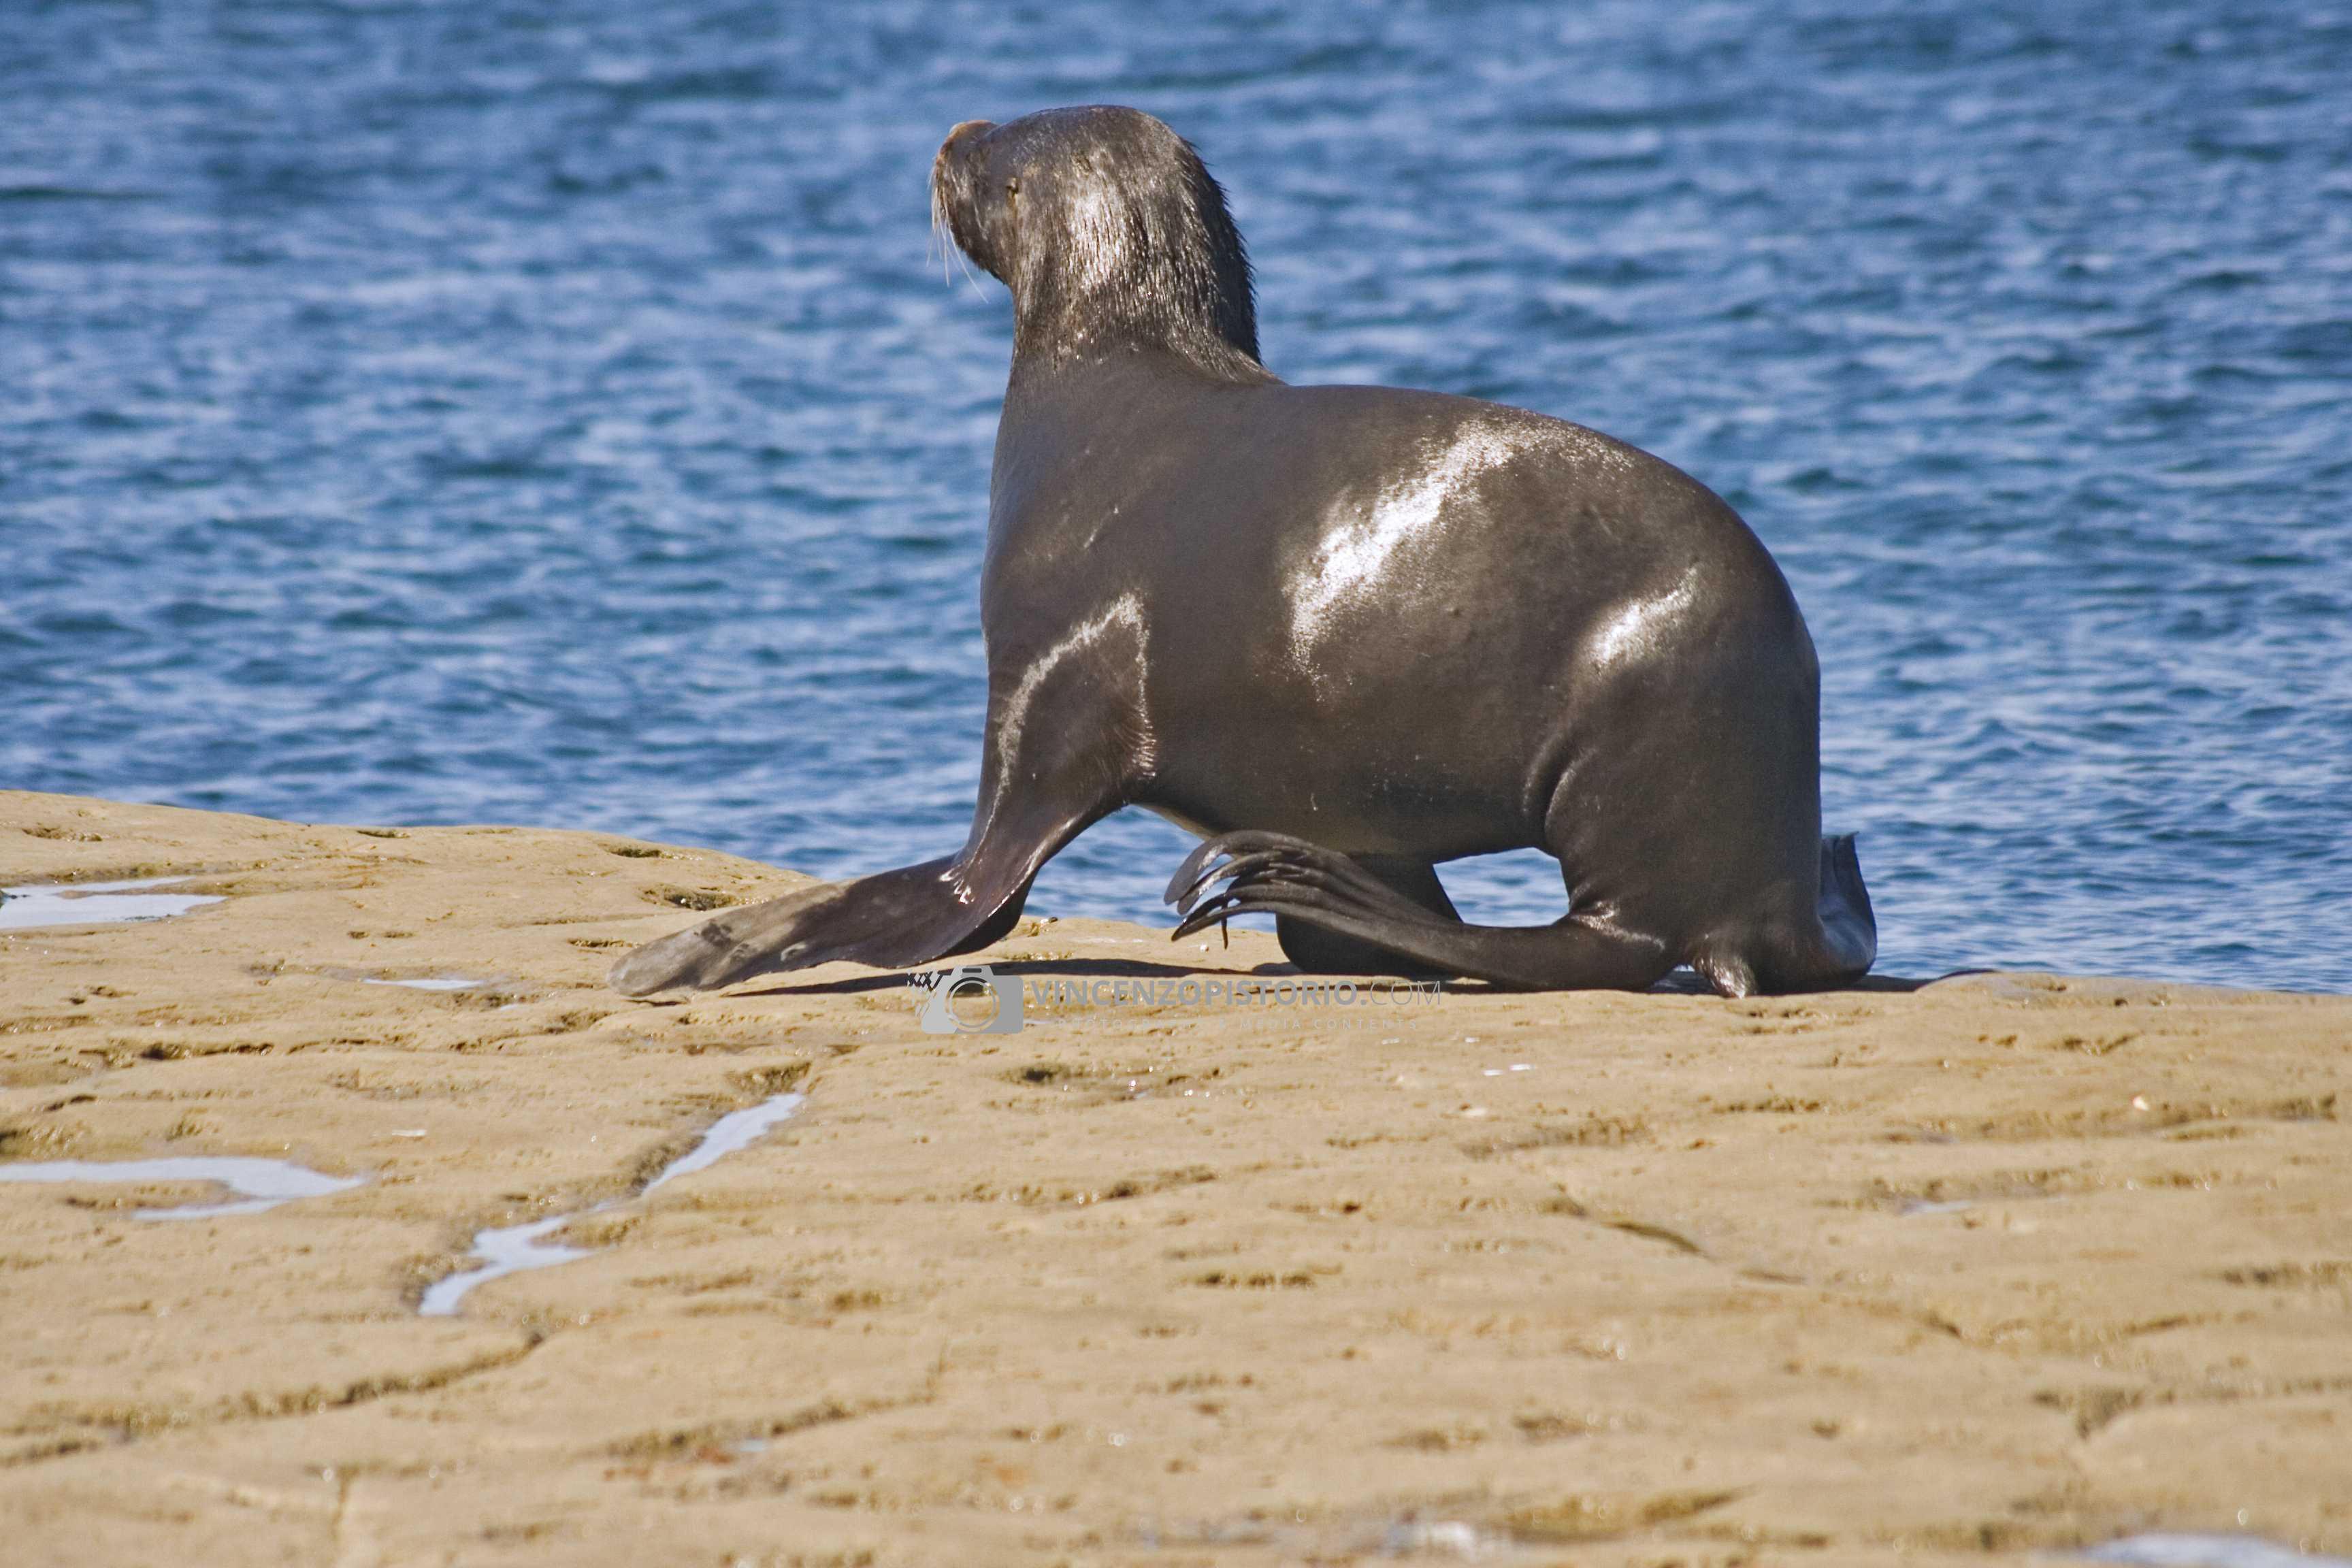 A sea lion walking